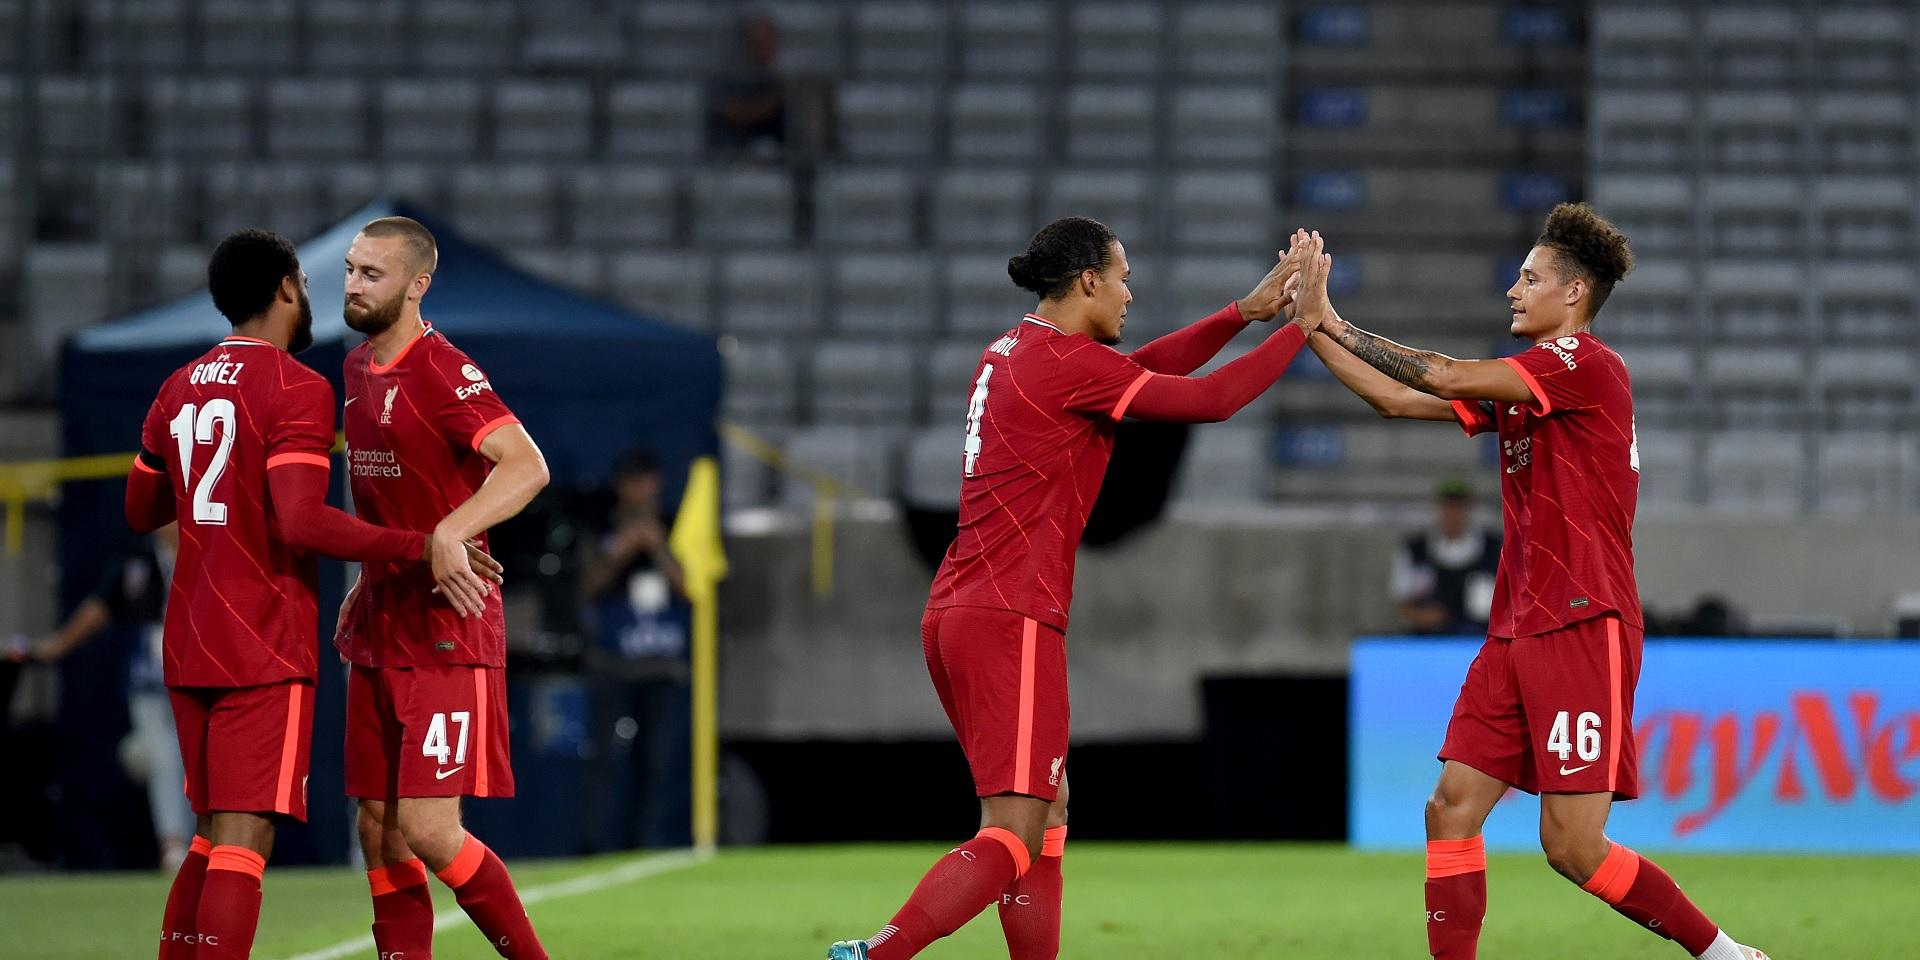 'It looks really good' – Klopp issues promising update on Van Dijk & Gomez